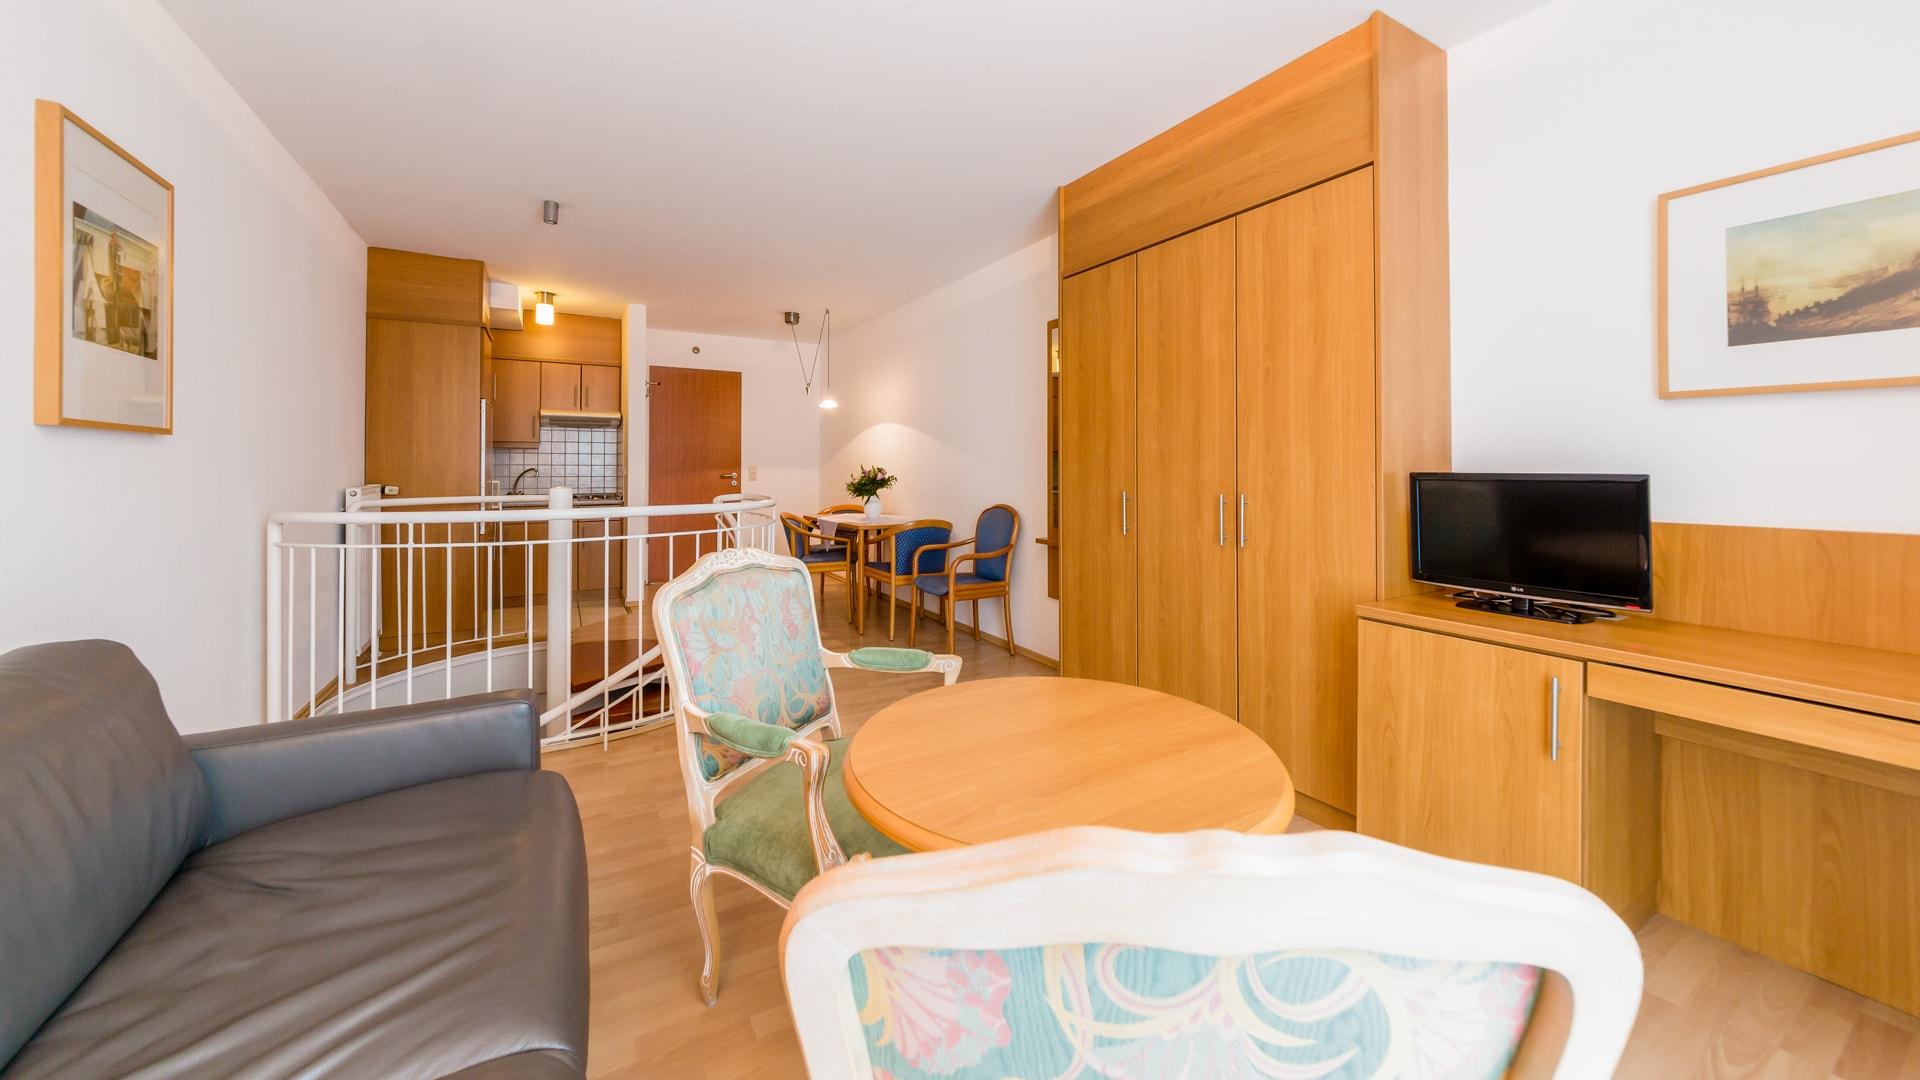 Ferienwohnung Norderney 2 Schlafzimmer 2 Bäder | Residenz Sudwesthorn Norderney Ferienwohnung Typ A 62qm 2